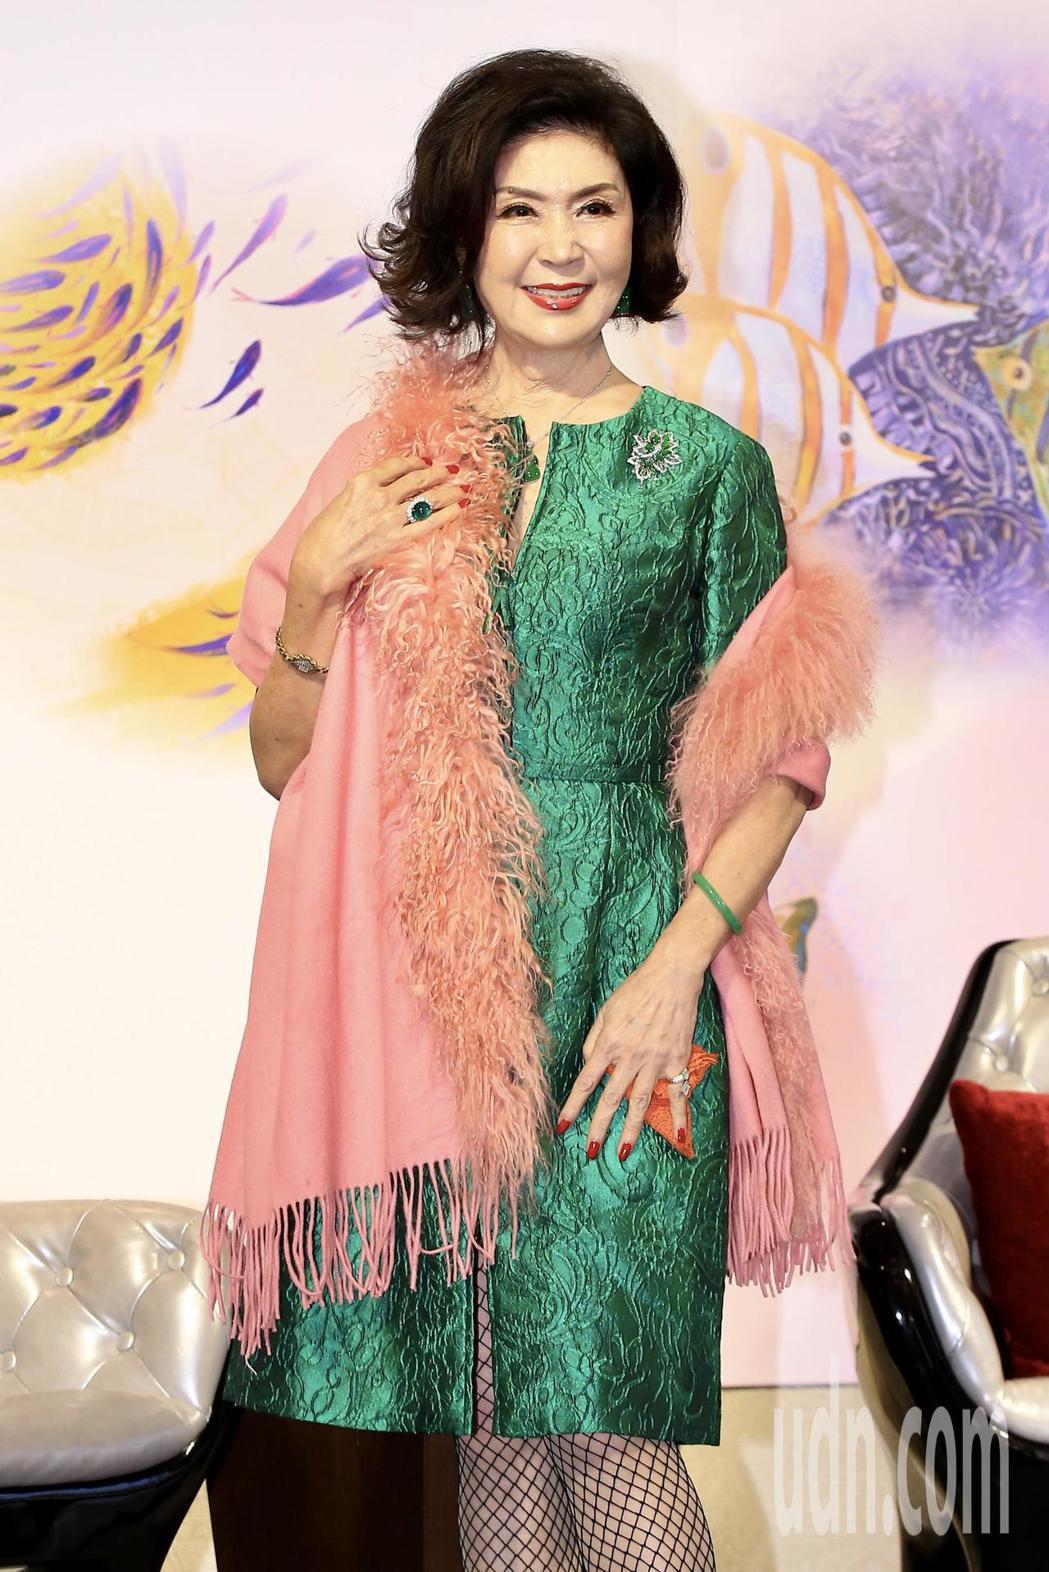 「最美麗主持人」白嘉莉下午舉行《白嘉莉 回眸》新書發表會。記者林伯東/攝影